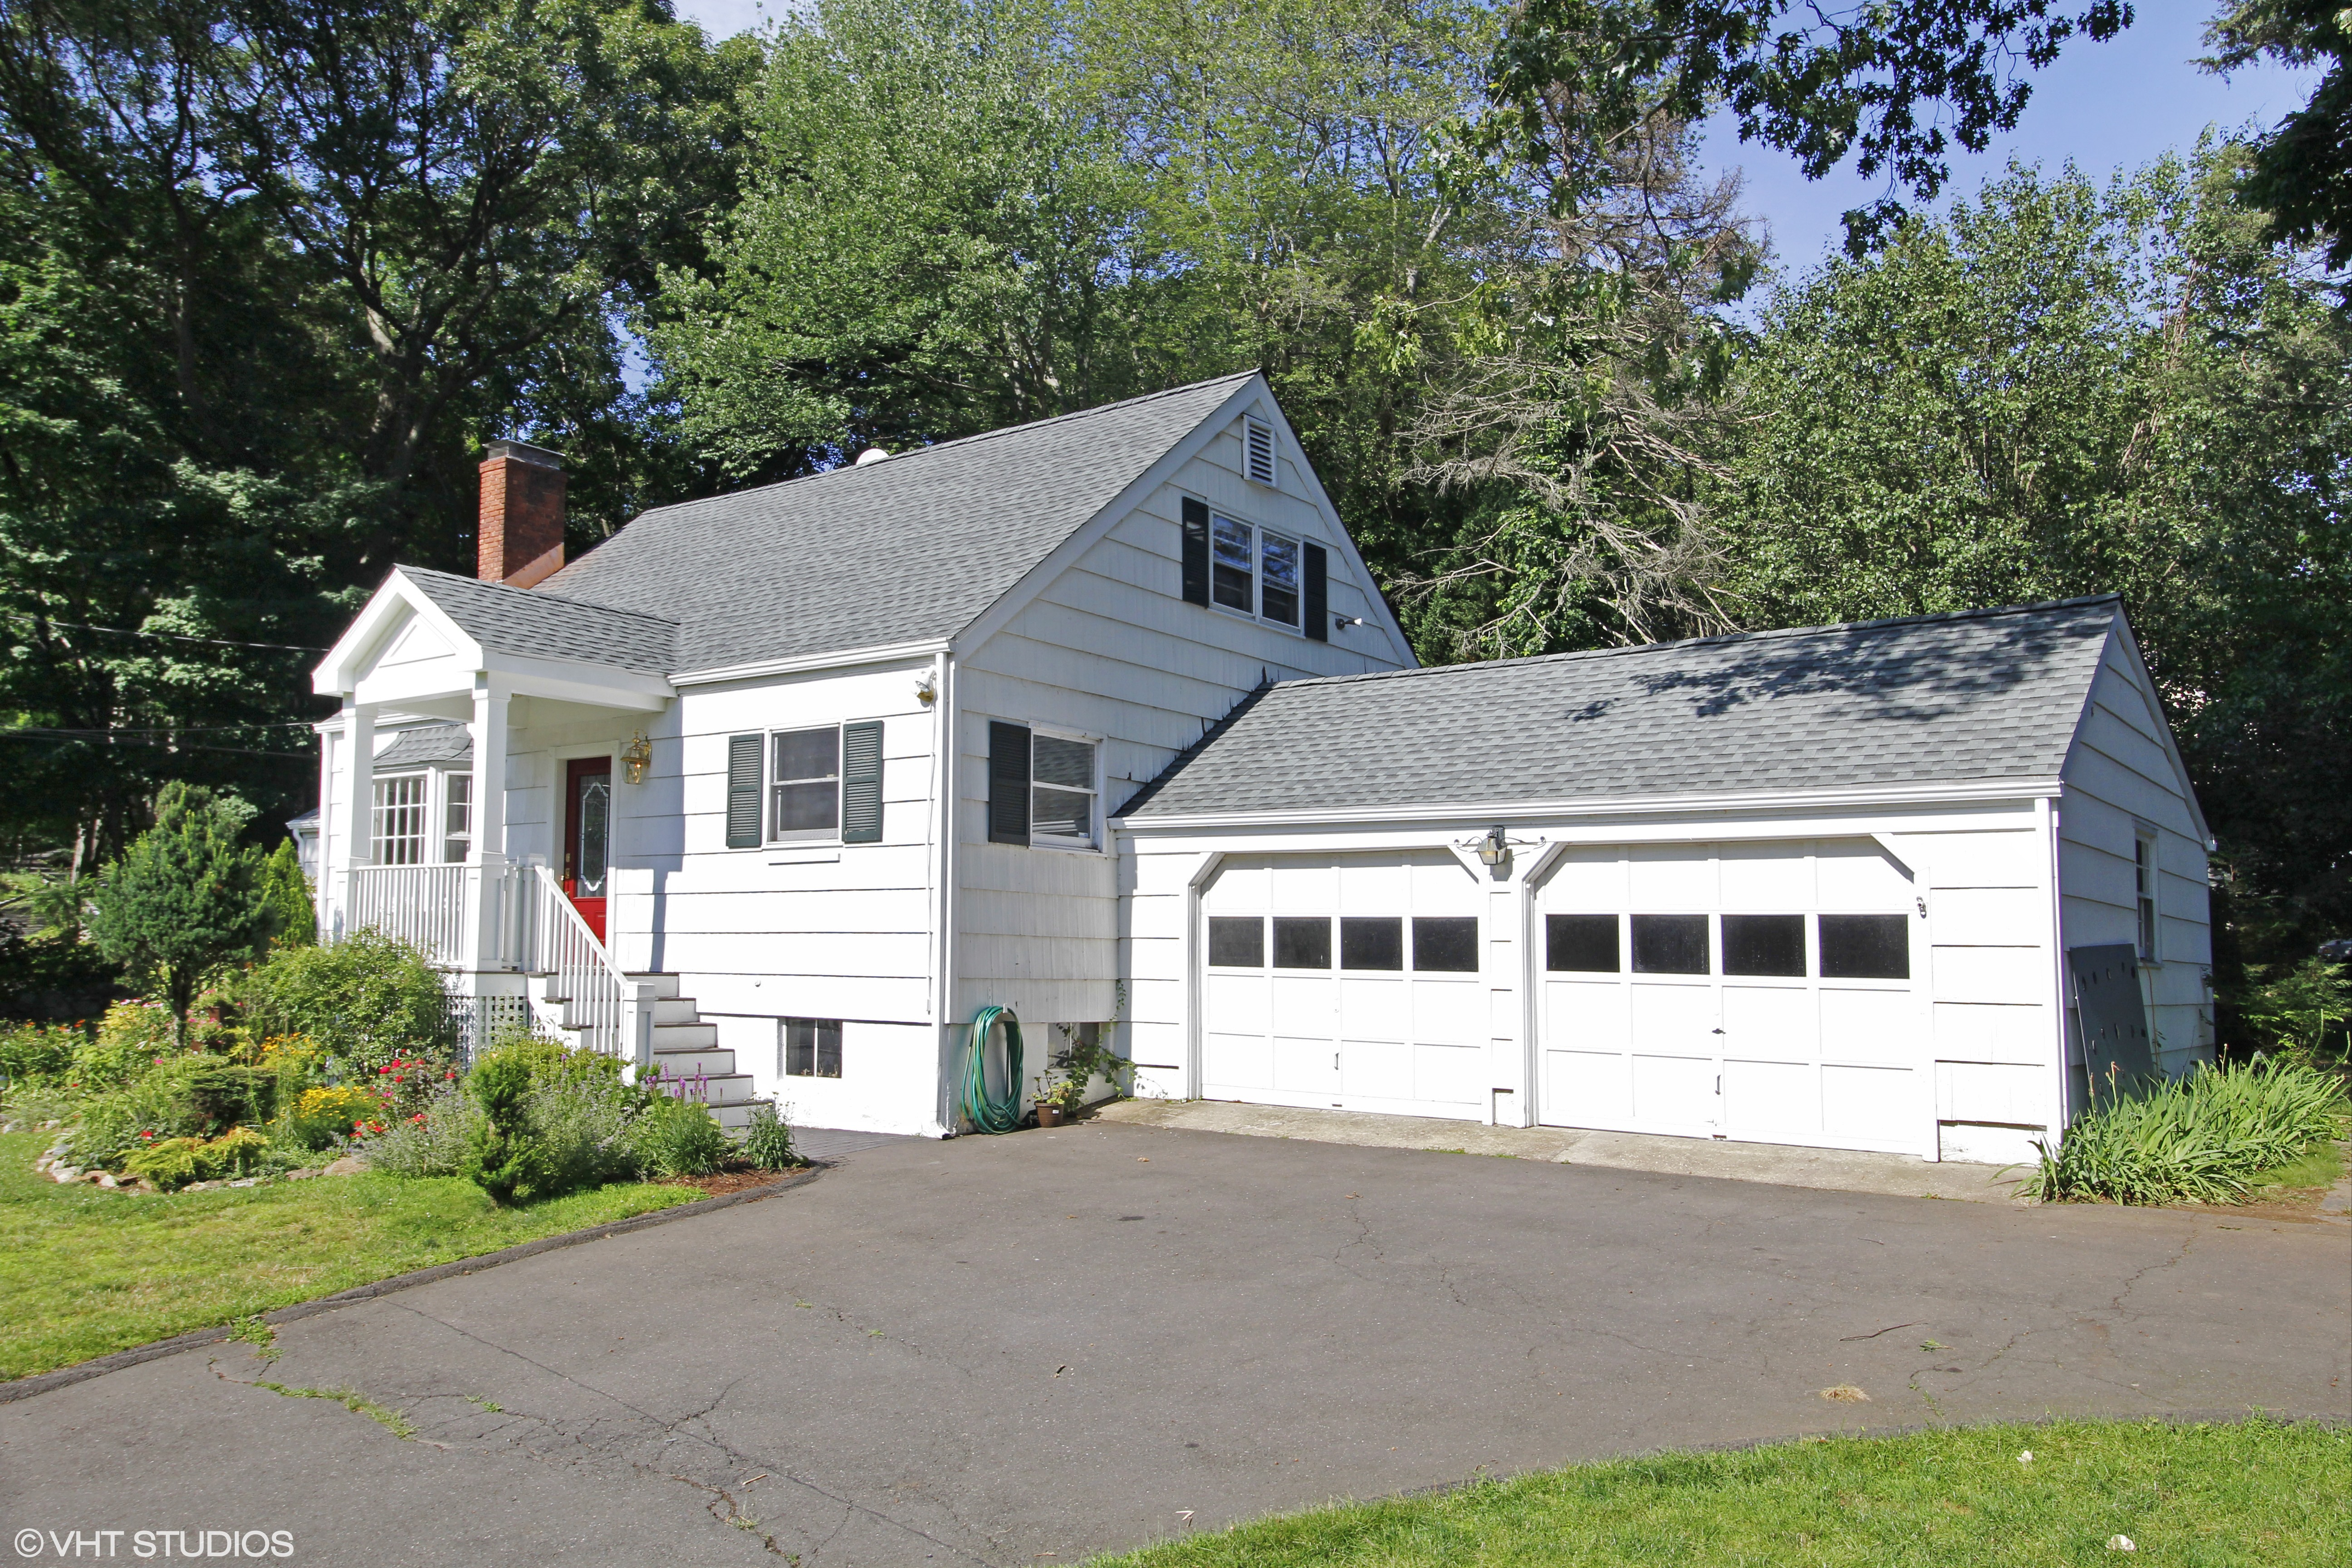 一戸建て のために 売買 アット Sunny, Bright, Happy Classic Expanded Cape 326 Rowayton Avenue Rowayton, Norwalk, コネチカット 06853 アメリカ合衆国